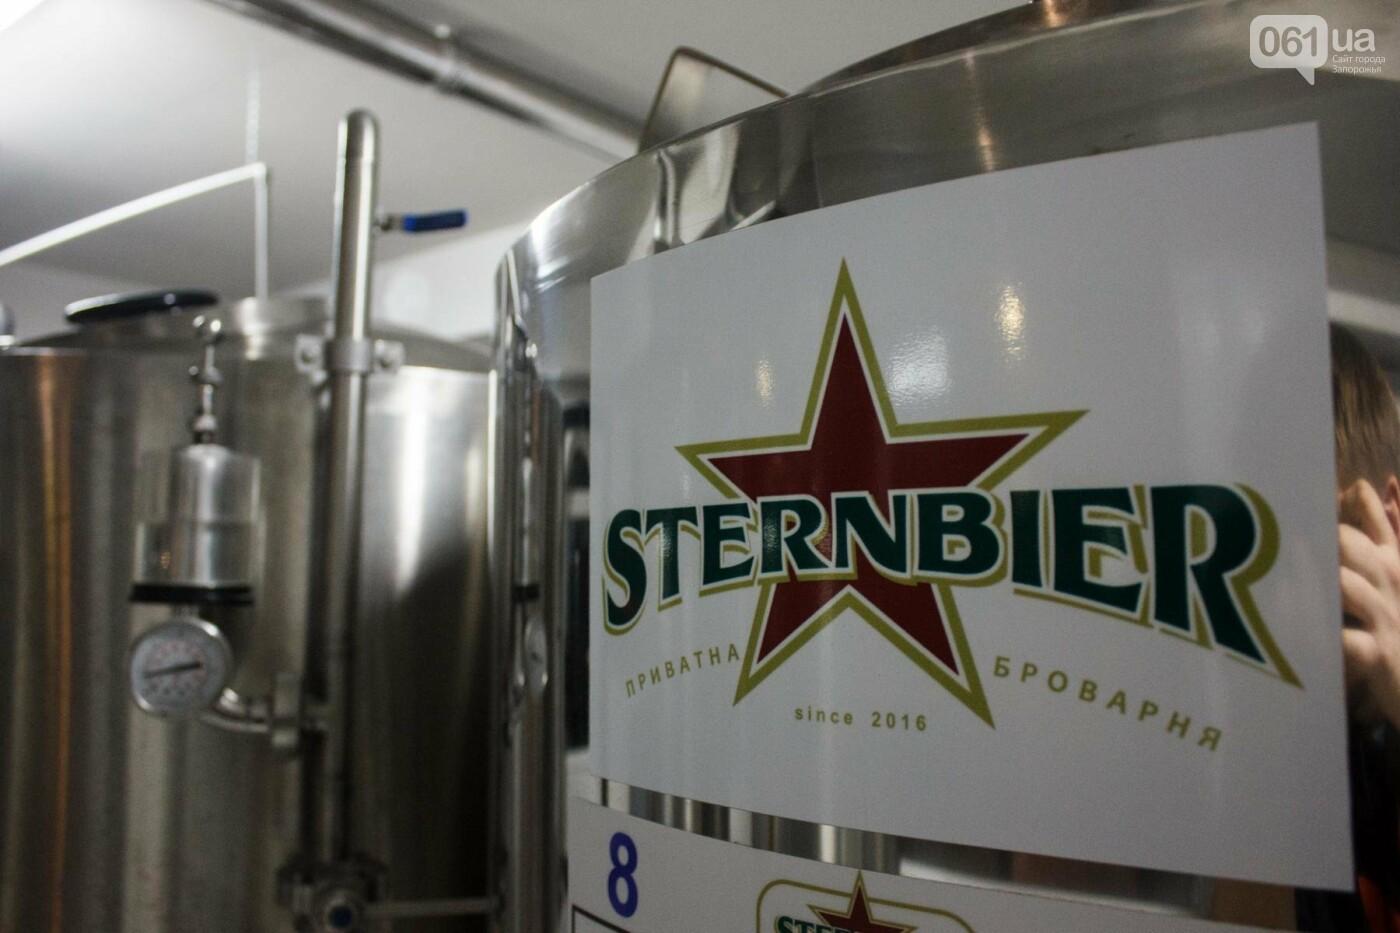 """""""Существует только два вида пива"""": история запорожца, который отказался от престижной должности ради работы пивоваром, фото-5"""